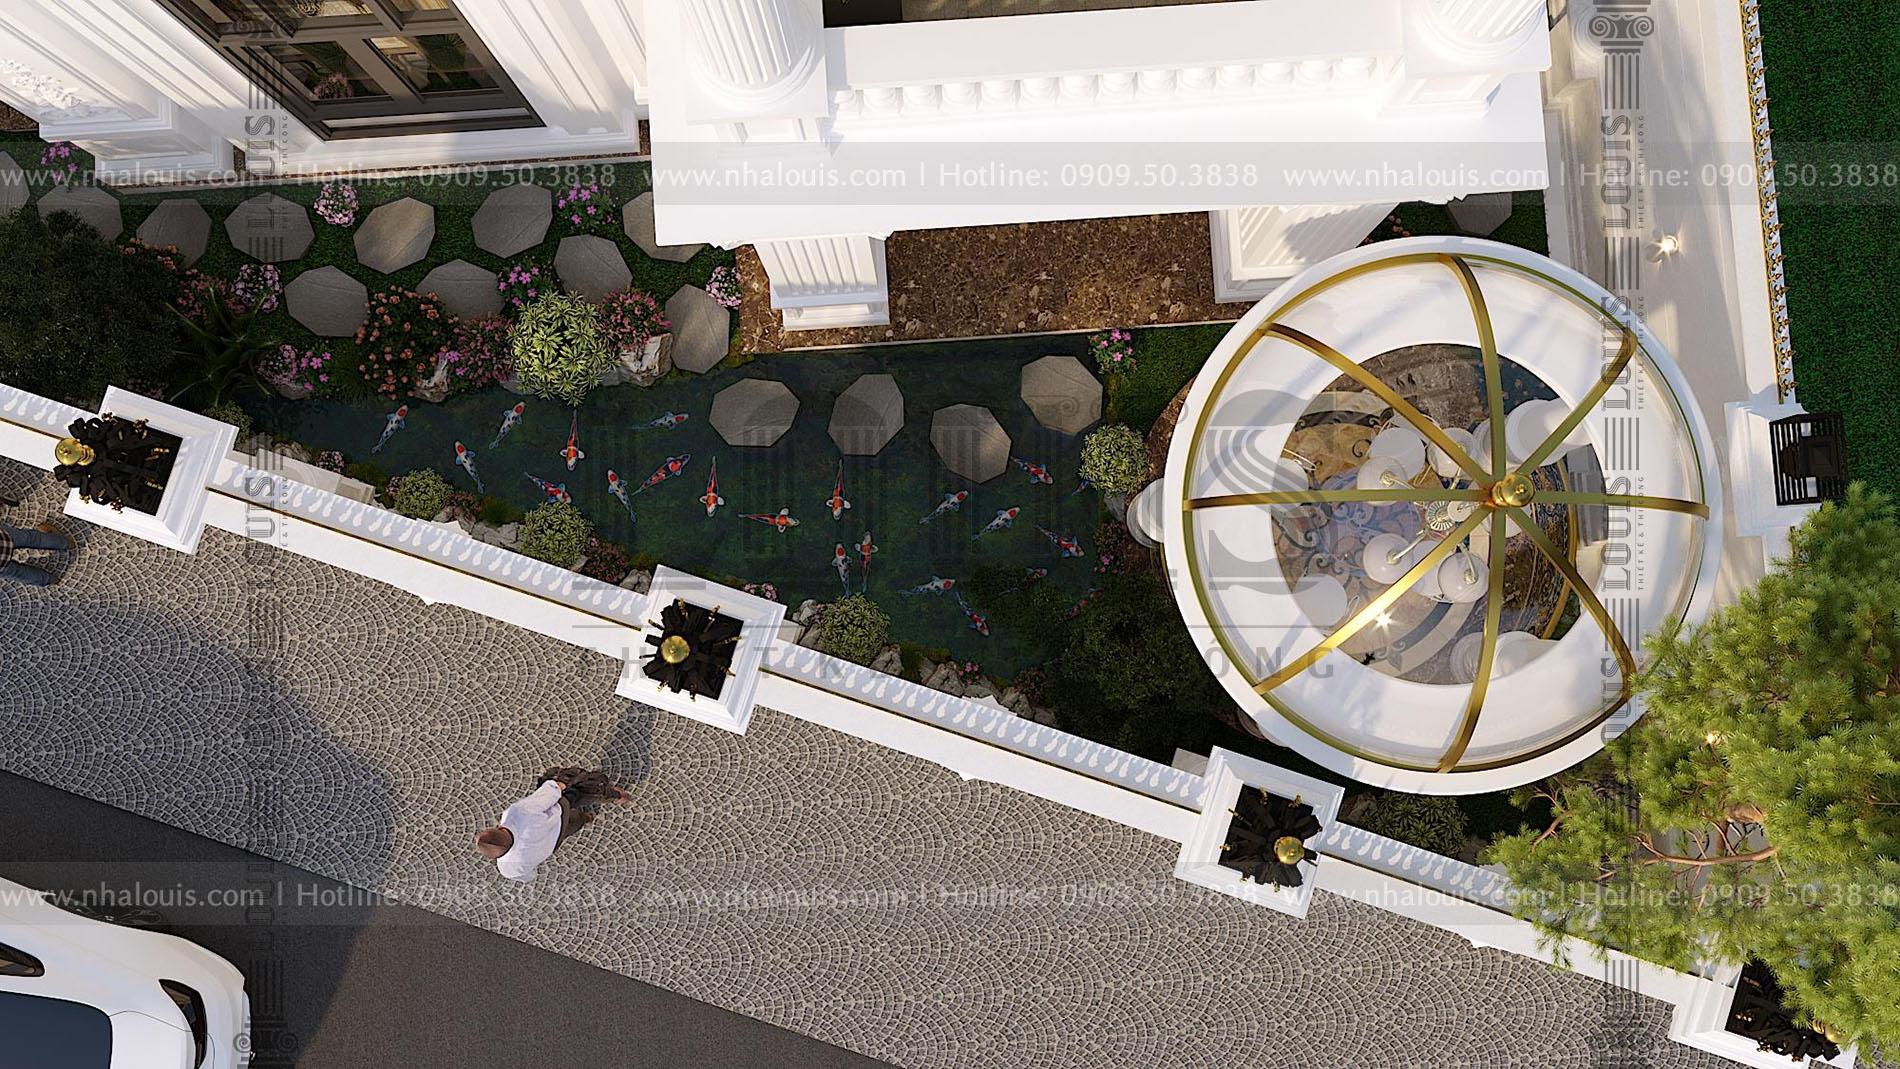 thiết kế cải tạo biệt thự 3 tầng tại bến tre